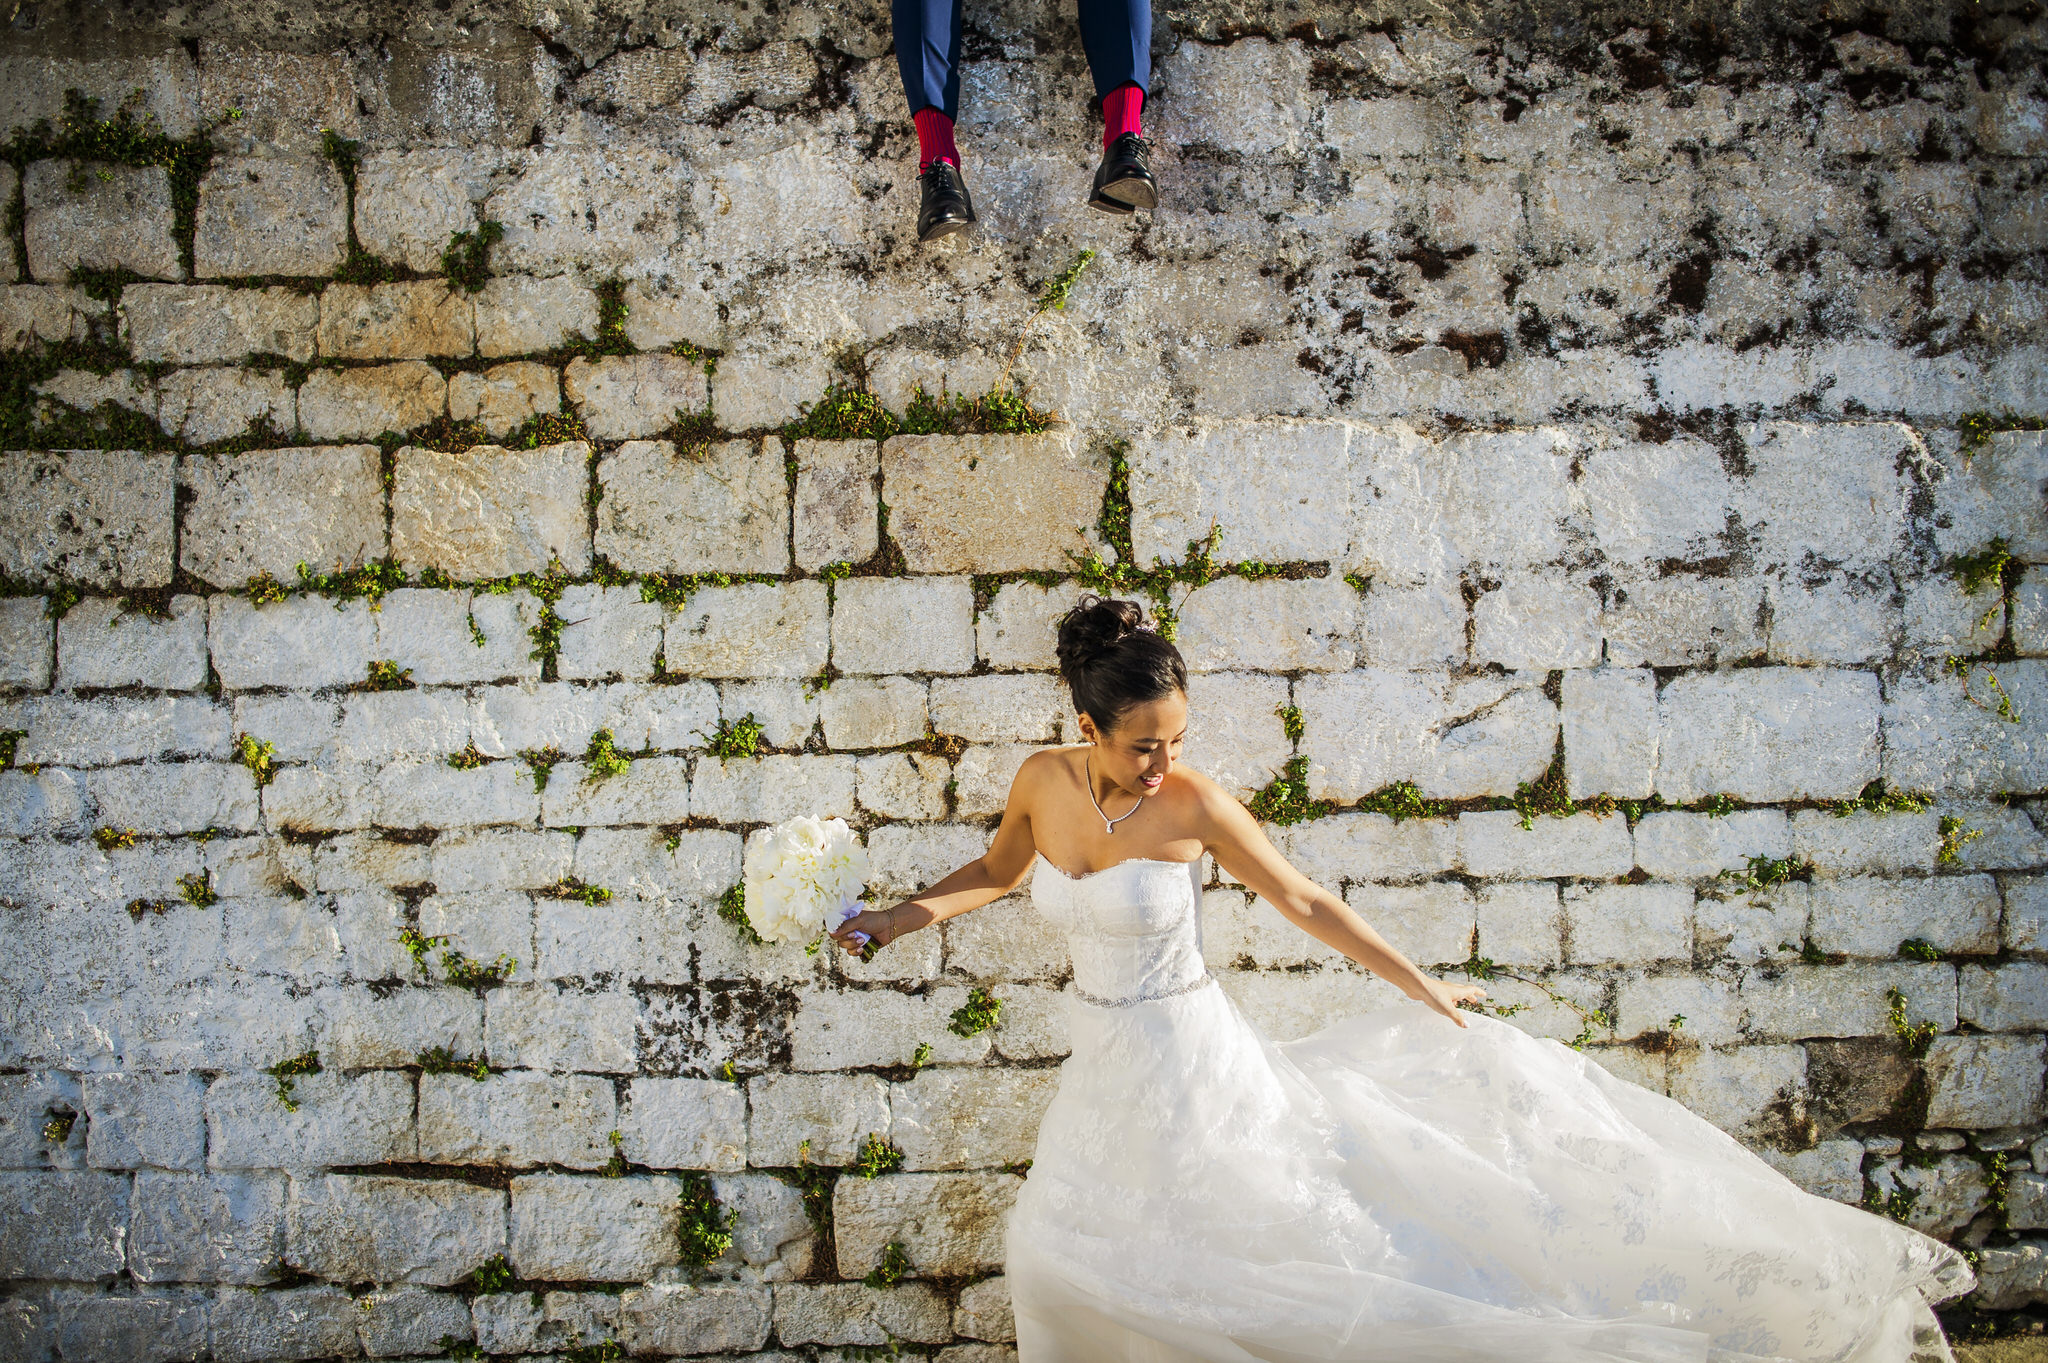 Lillian and Cristiano's wedding at Borgo Egnazia in Puglia, Italy.